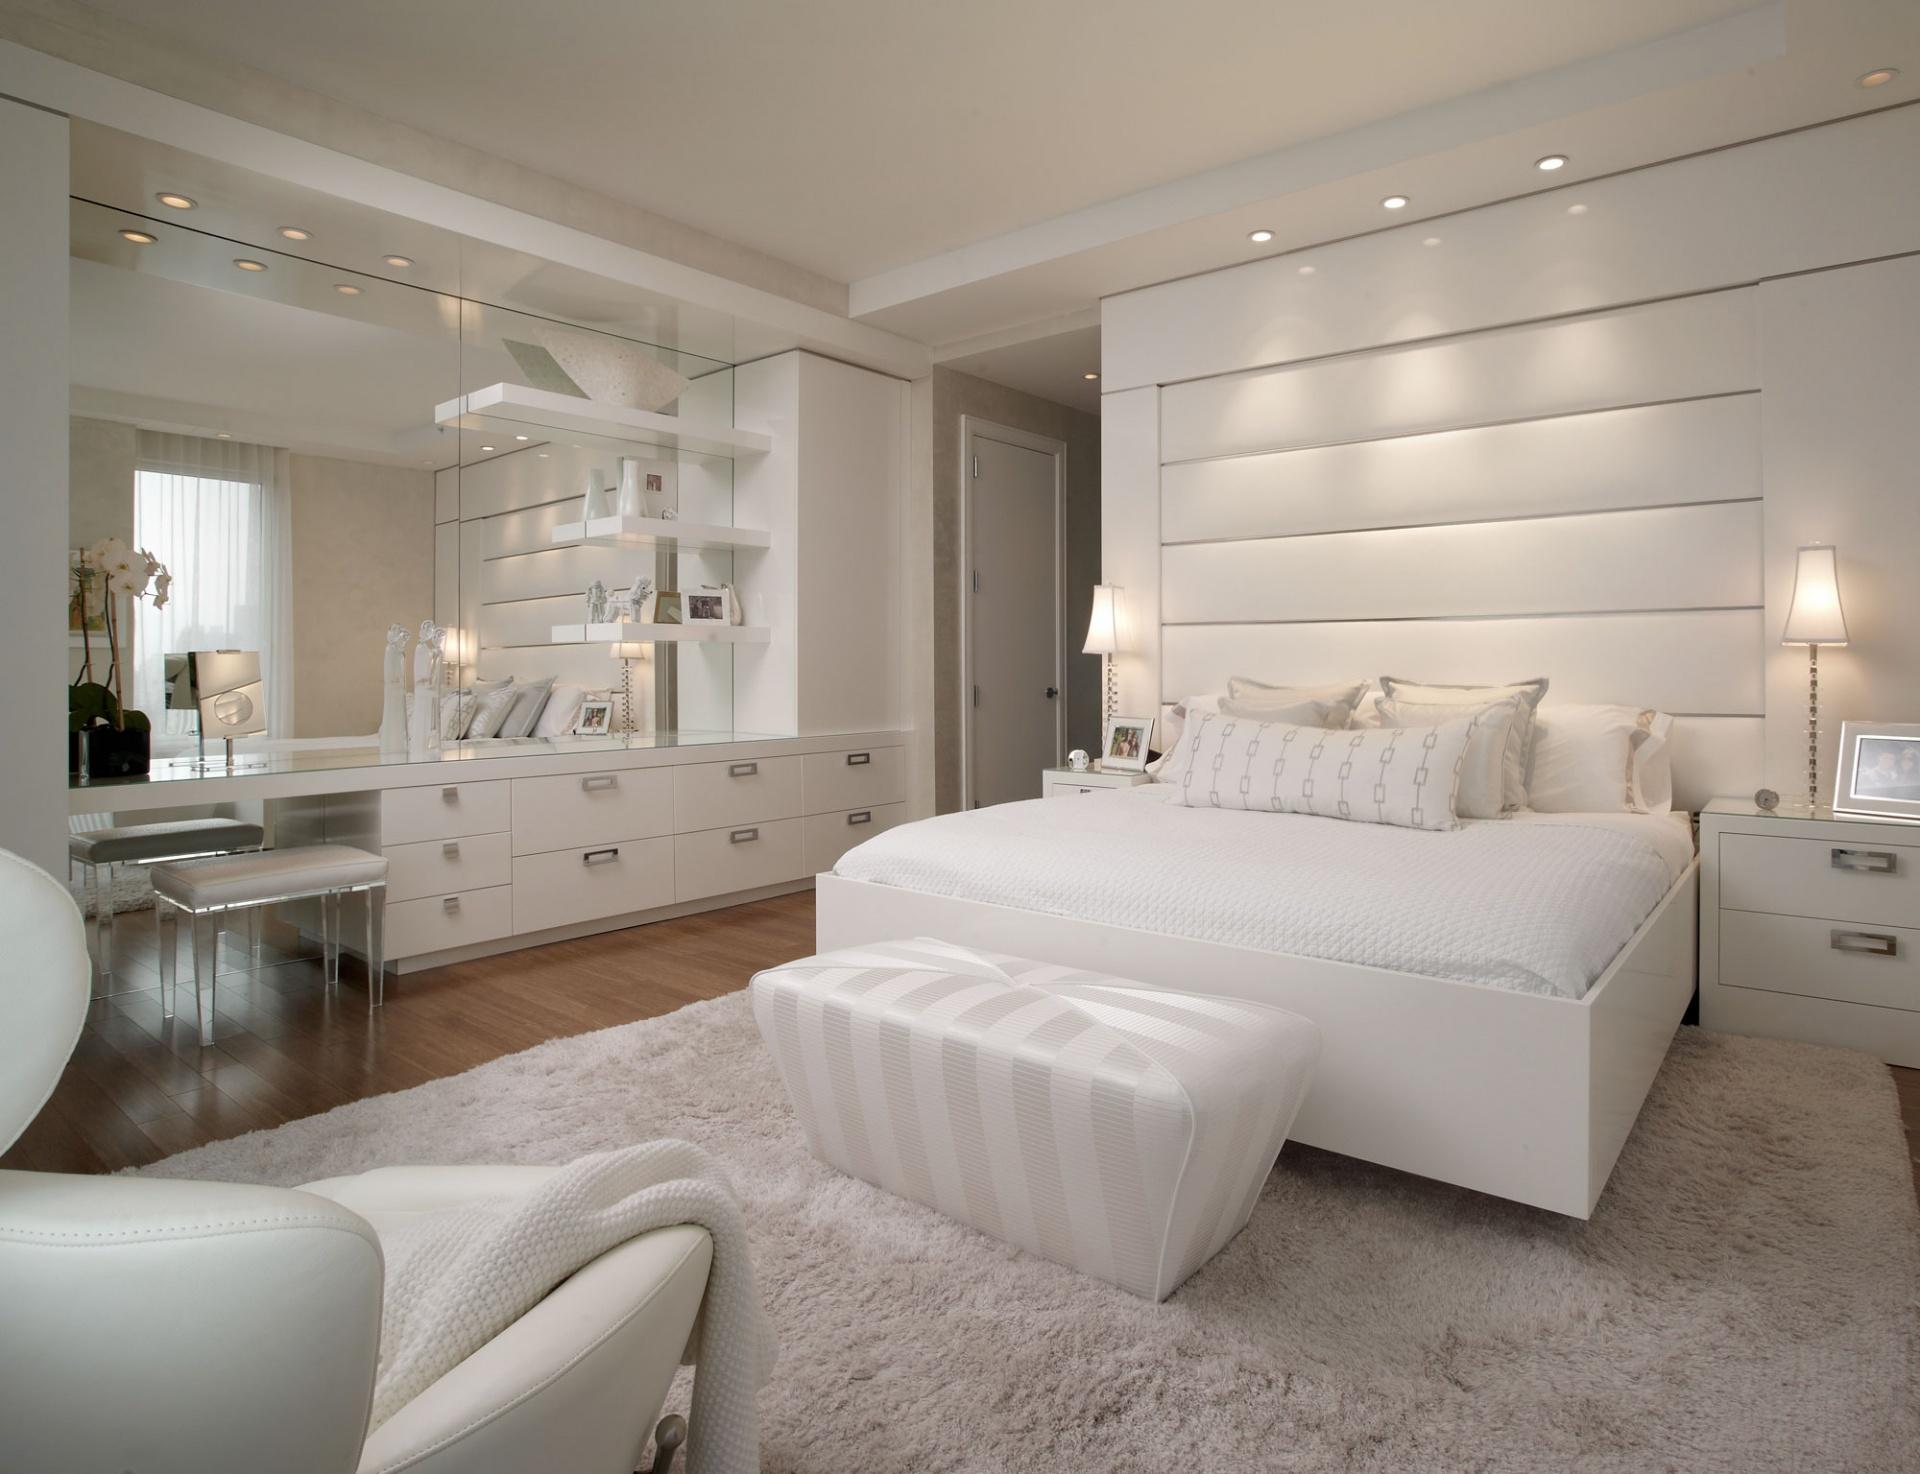 Desain Tempat Tidur Hotel | Sobat Interior Rumah